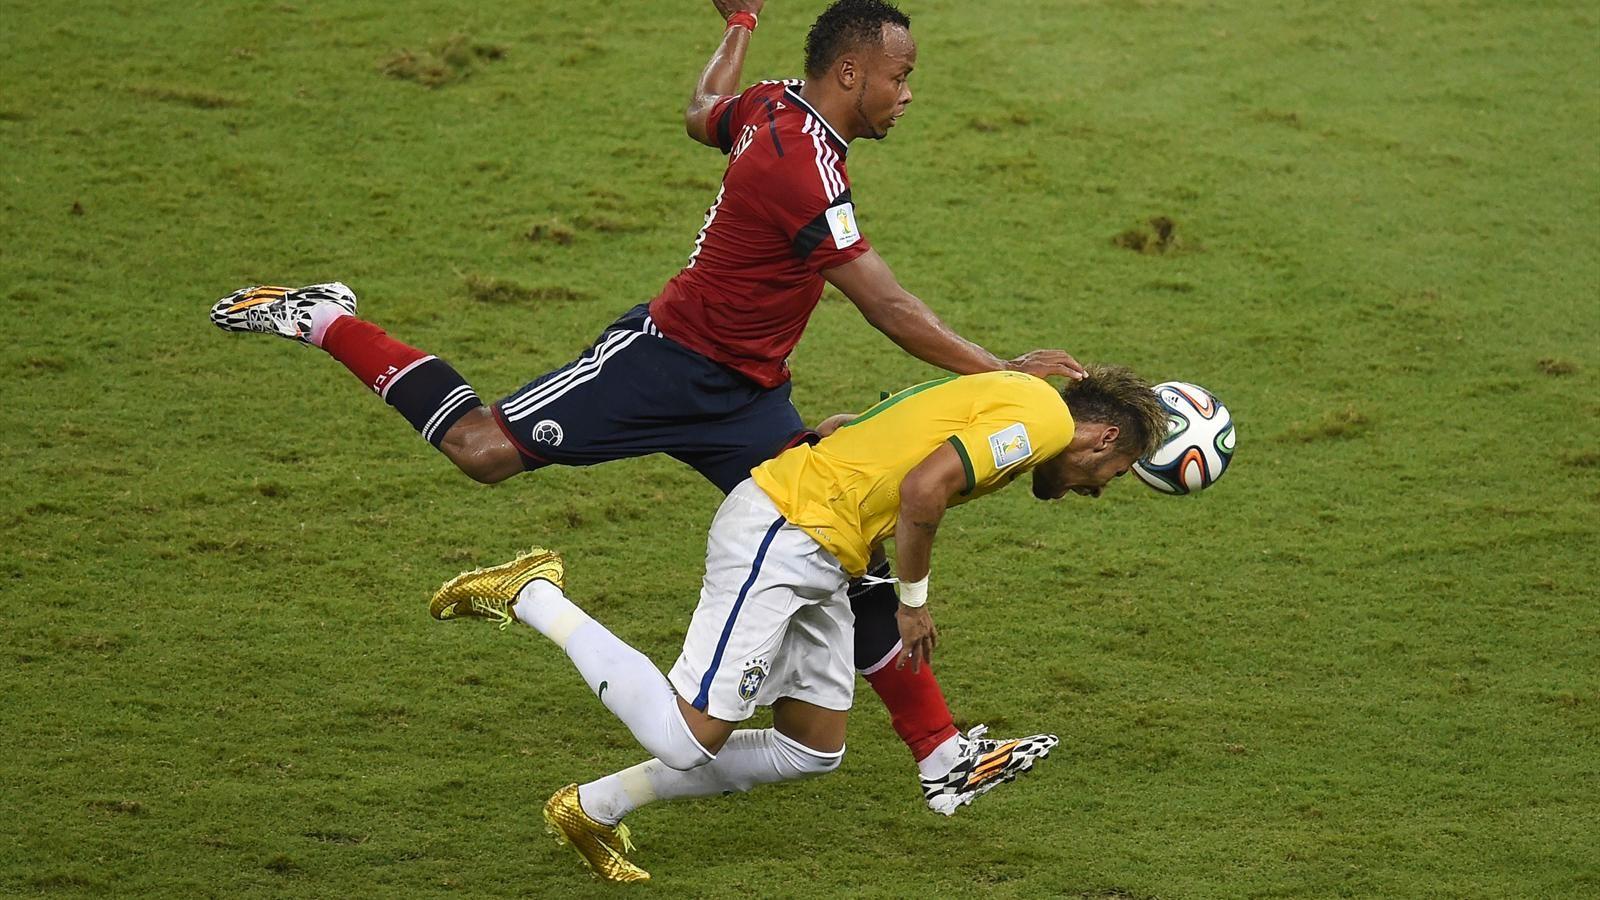 I Never Meant To Hurt Neymar Says Colombia S Zuniga Neymar Neymar Injury World Cup